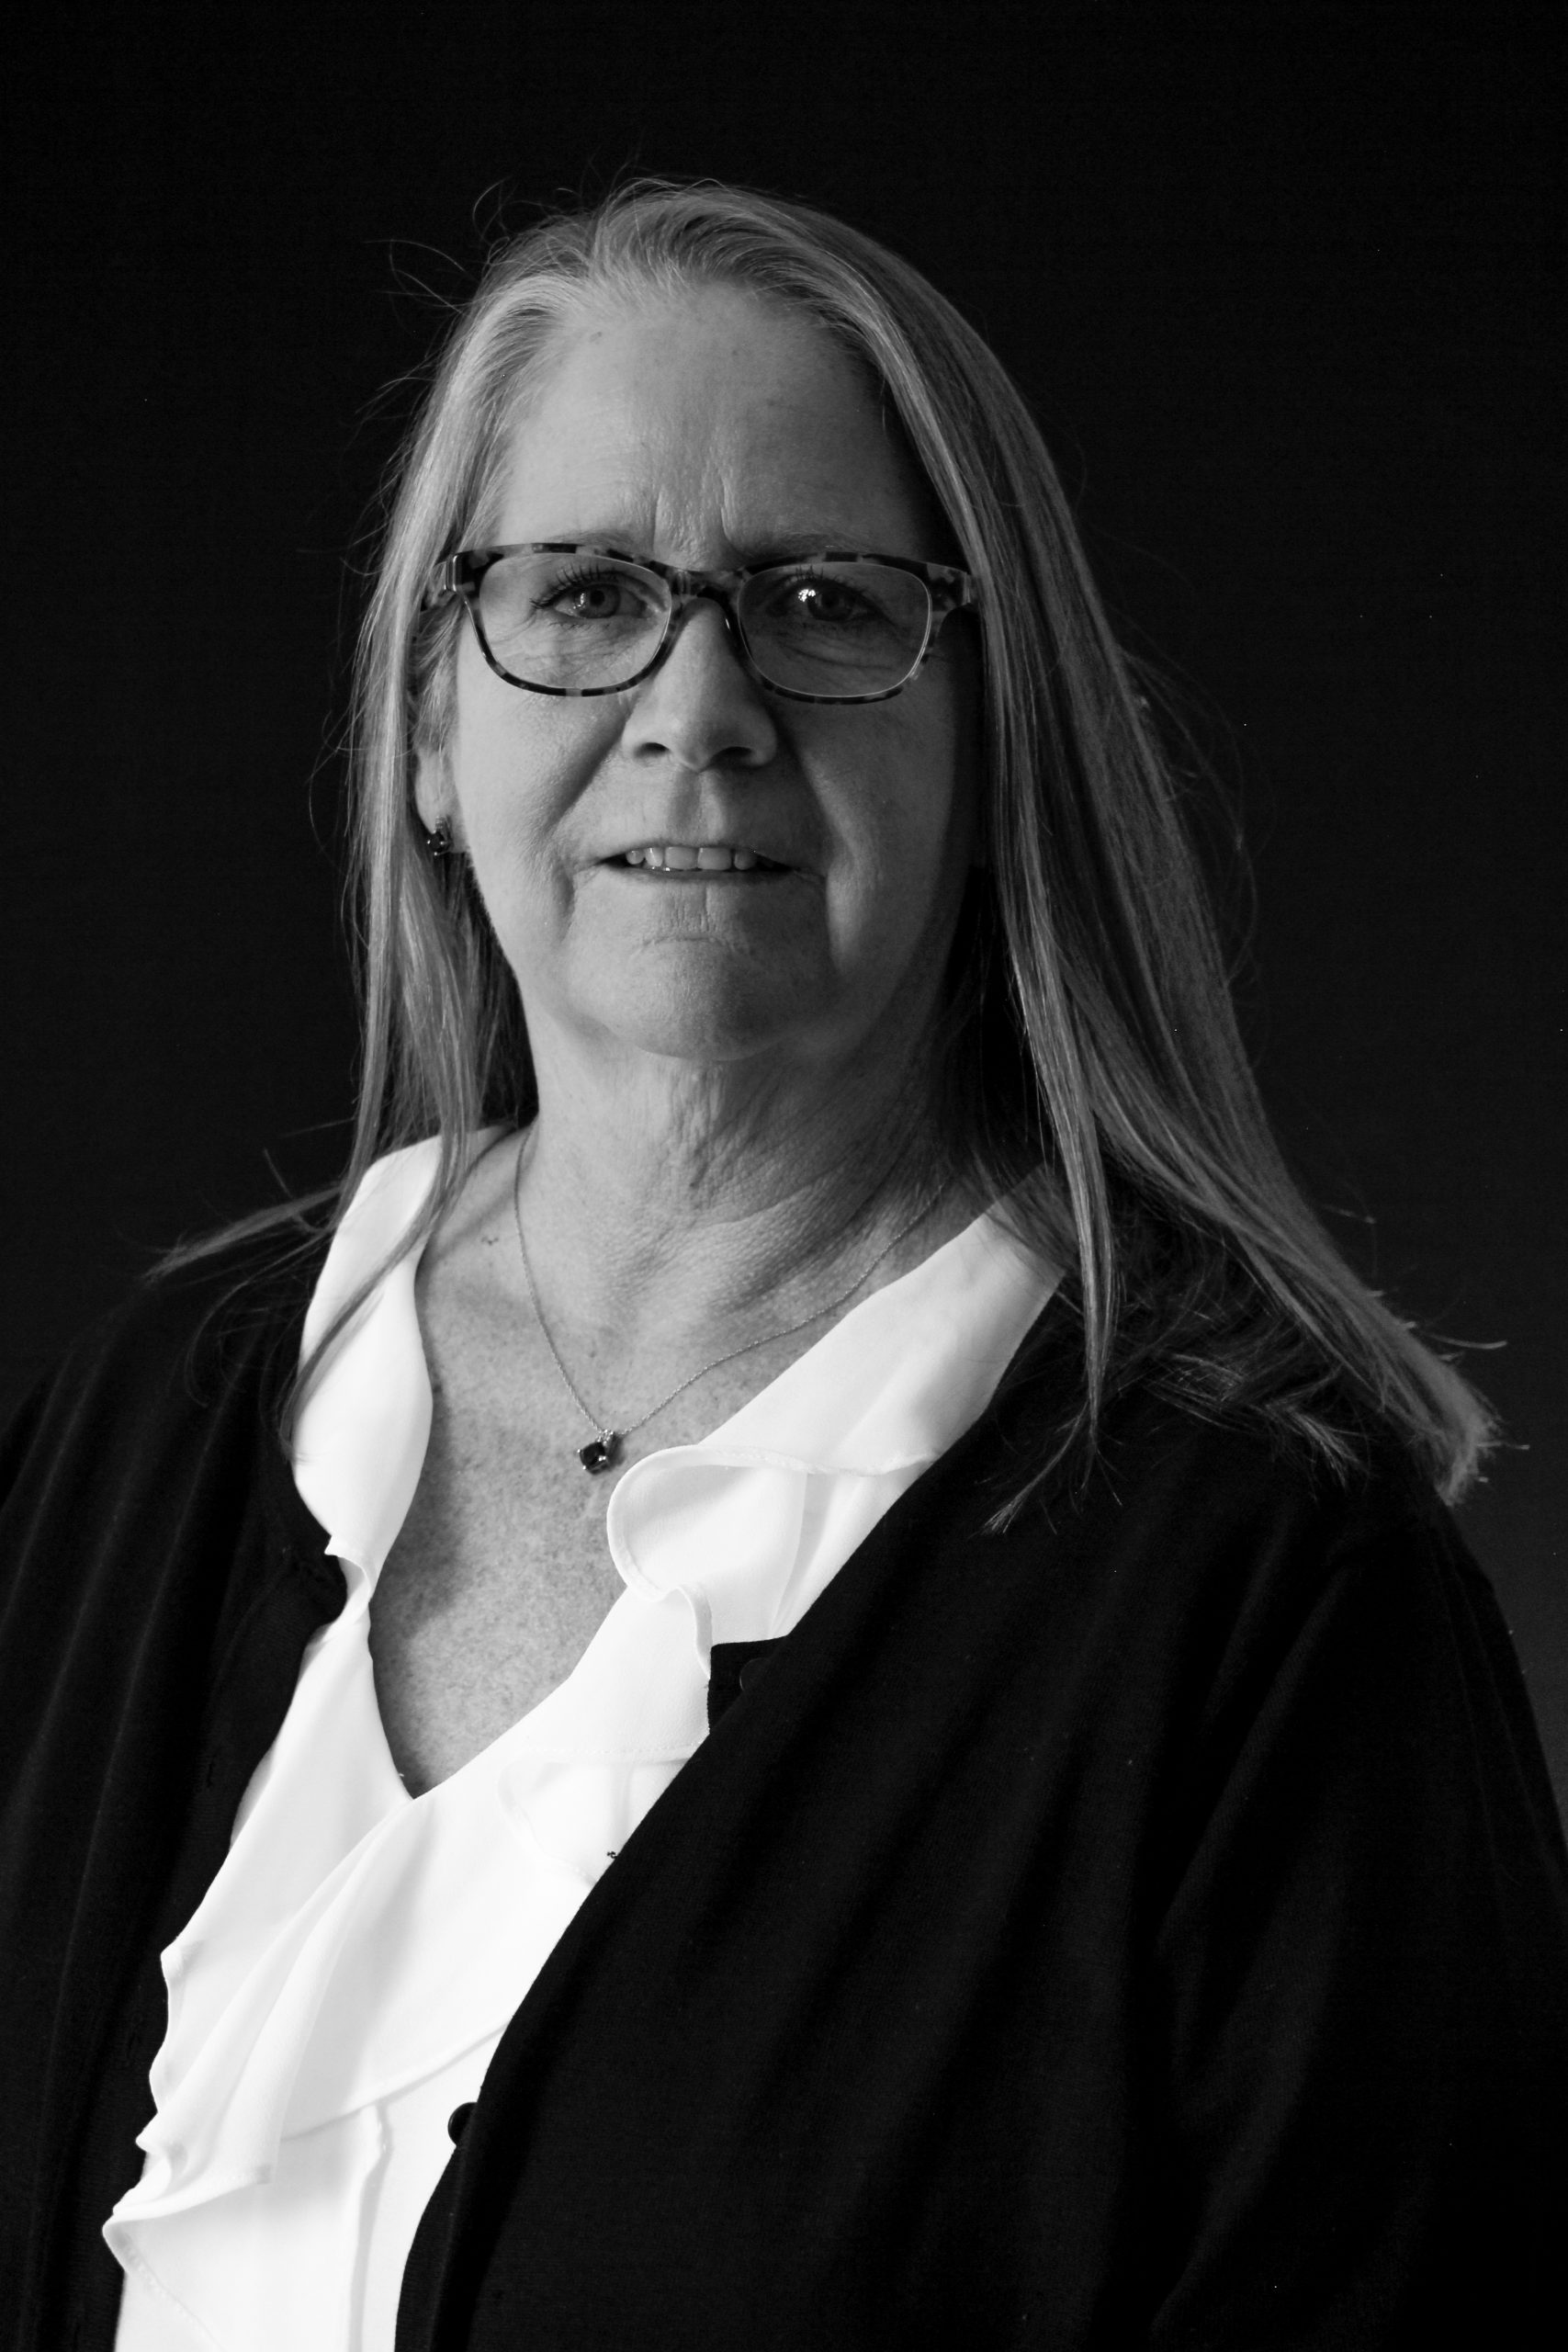 Mary Trawick